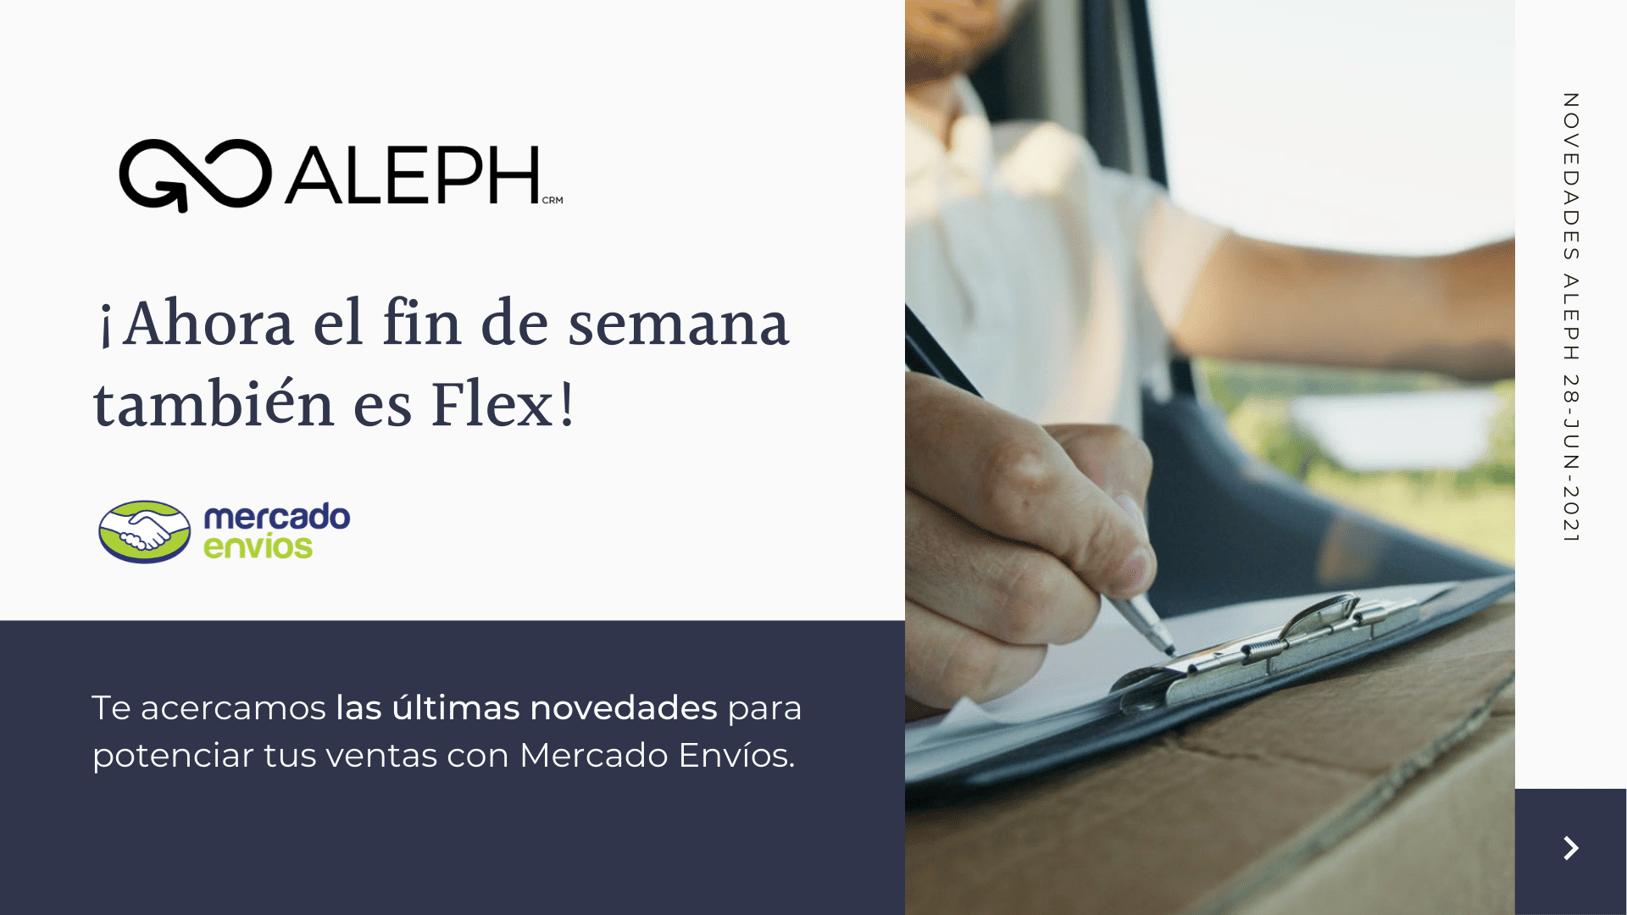 Aleph Solutions te acerca las novedades de Mercado Envíos Flex